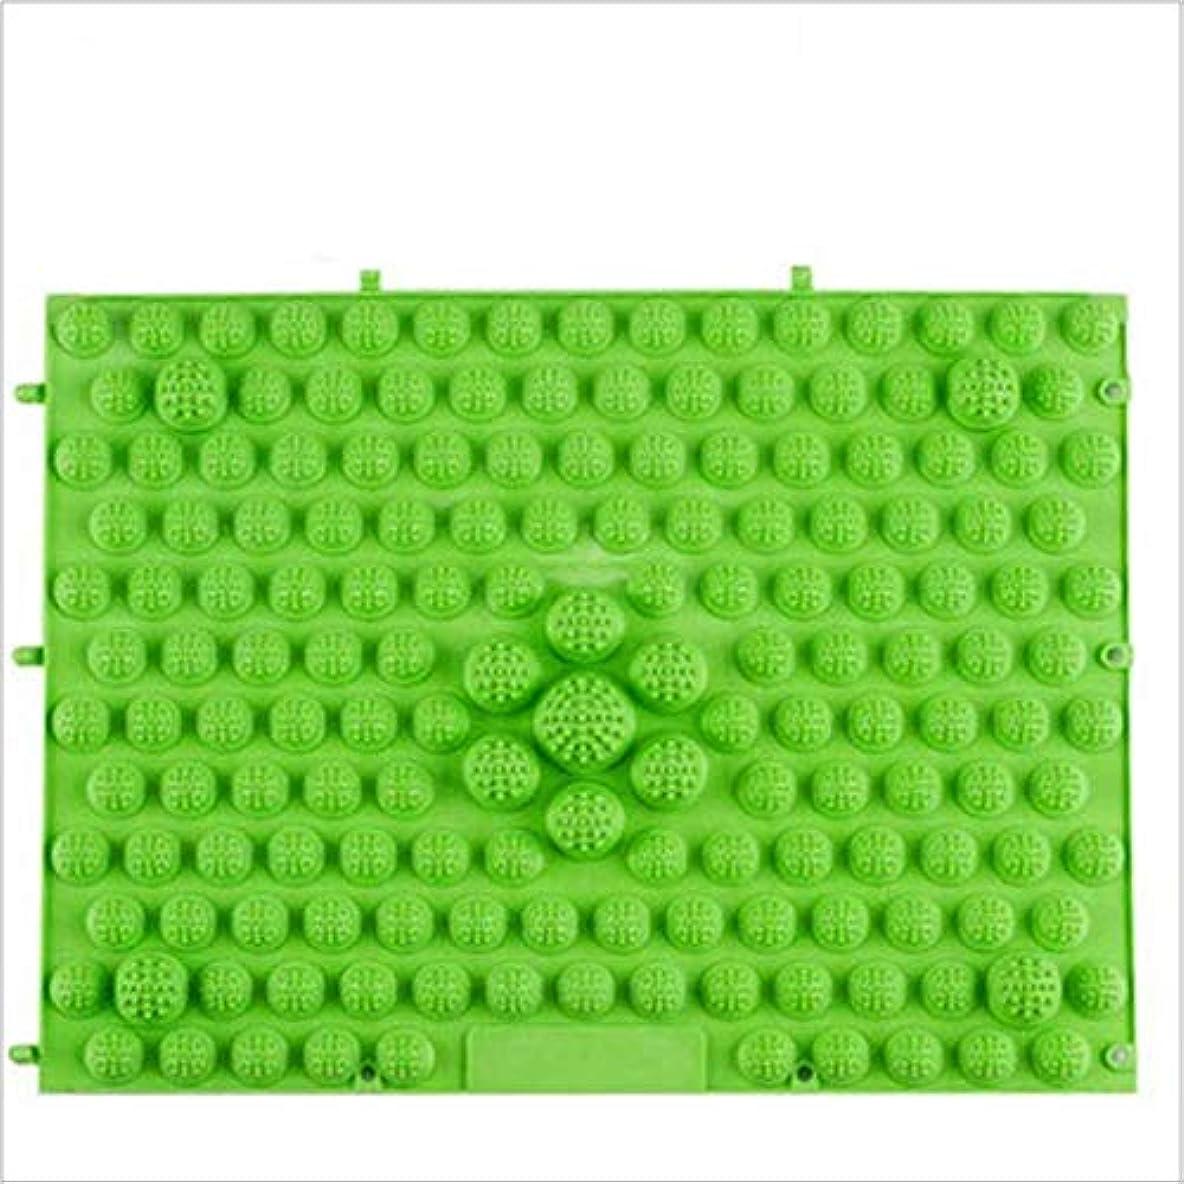 再発するグリットロードされたウォークマット 裏板セット(ABS樹脂製補強板付き) (グリーン)